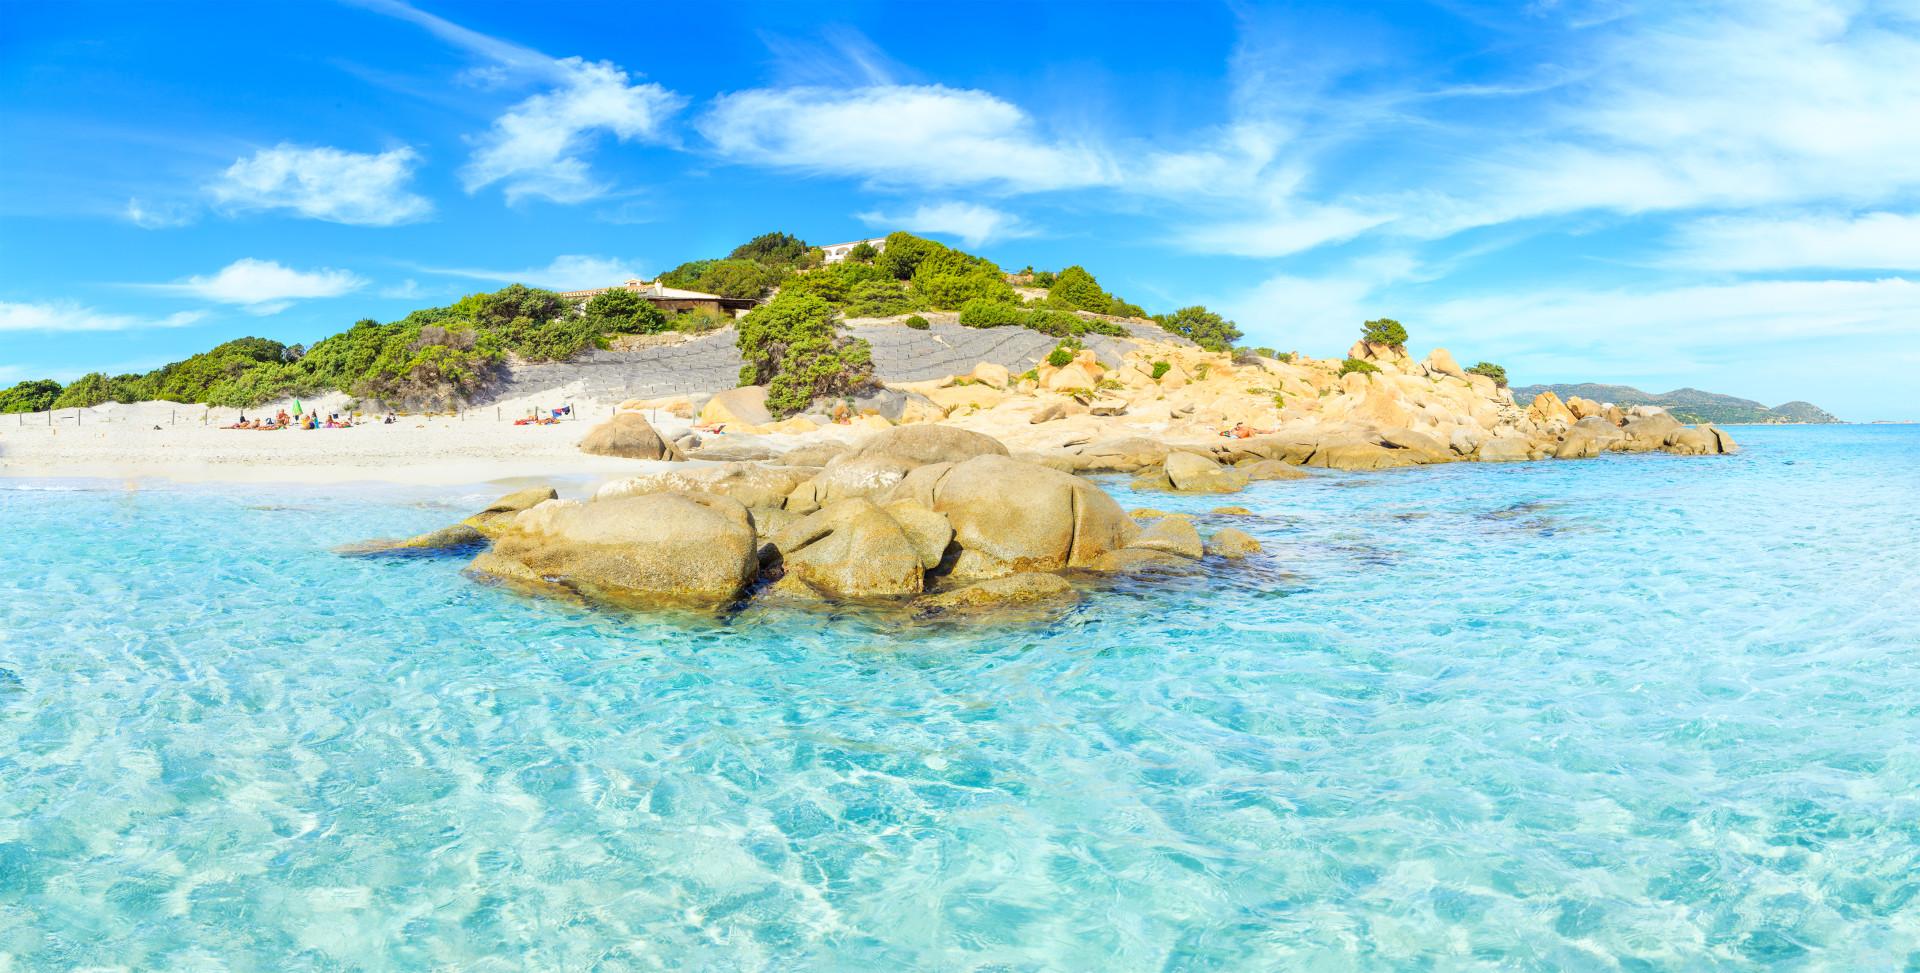 Helder water en strand in Villasimius - Sardinie - Italie